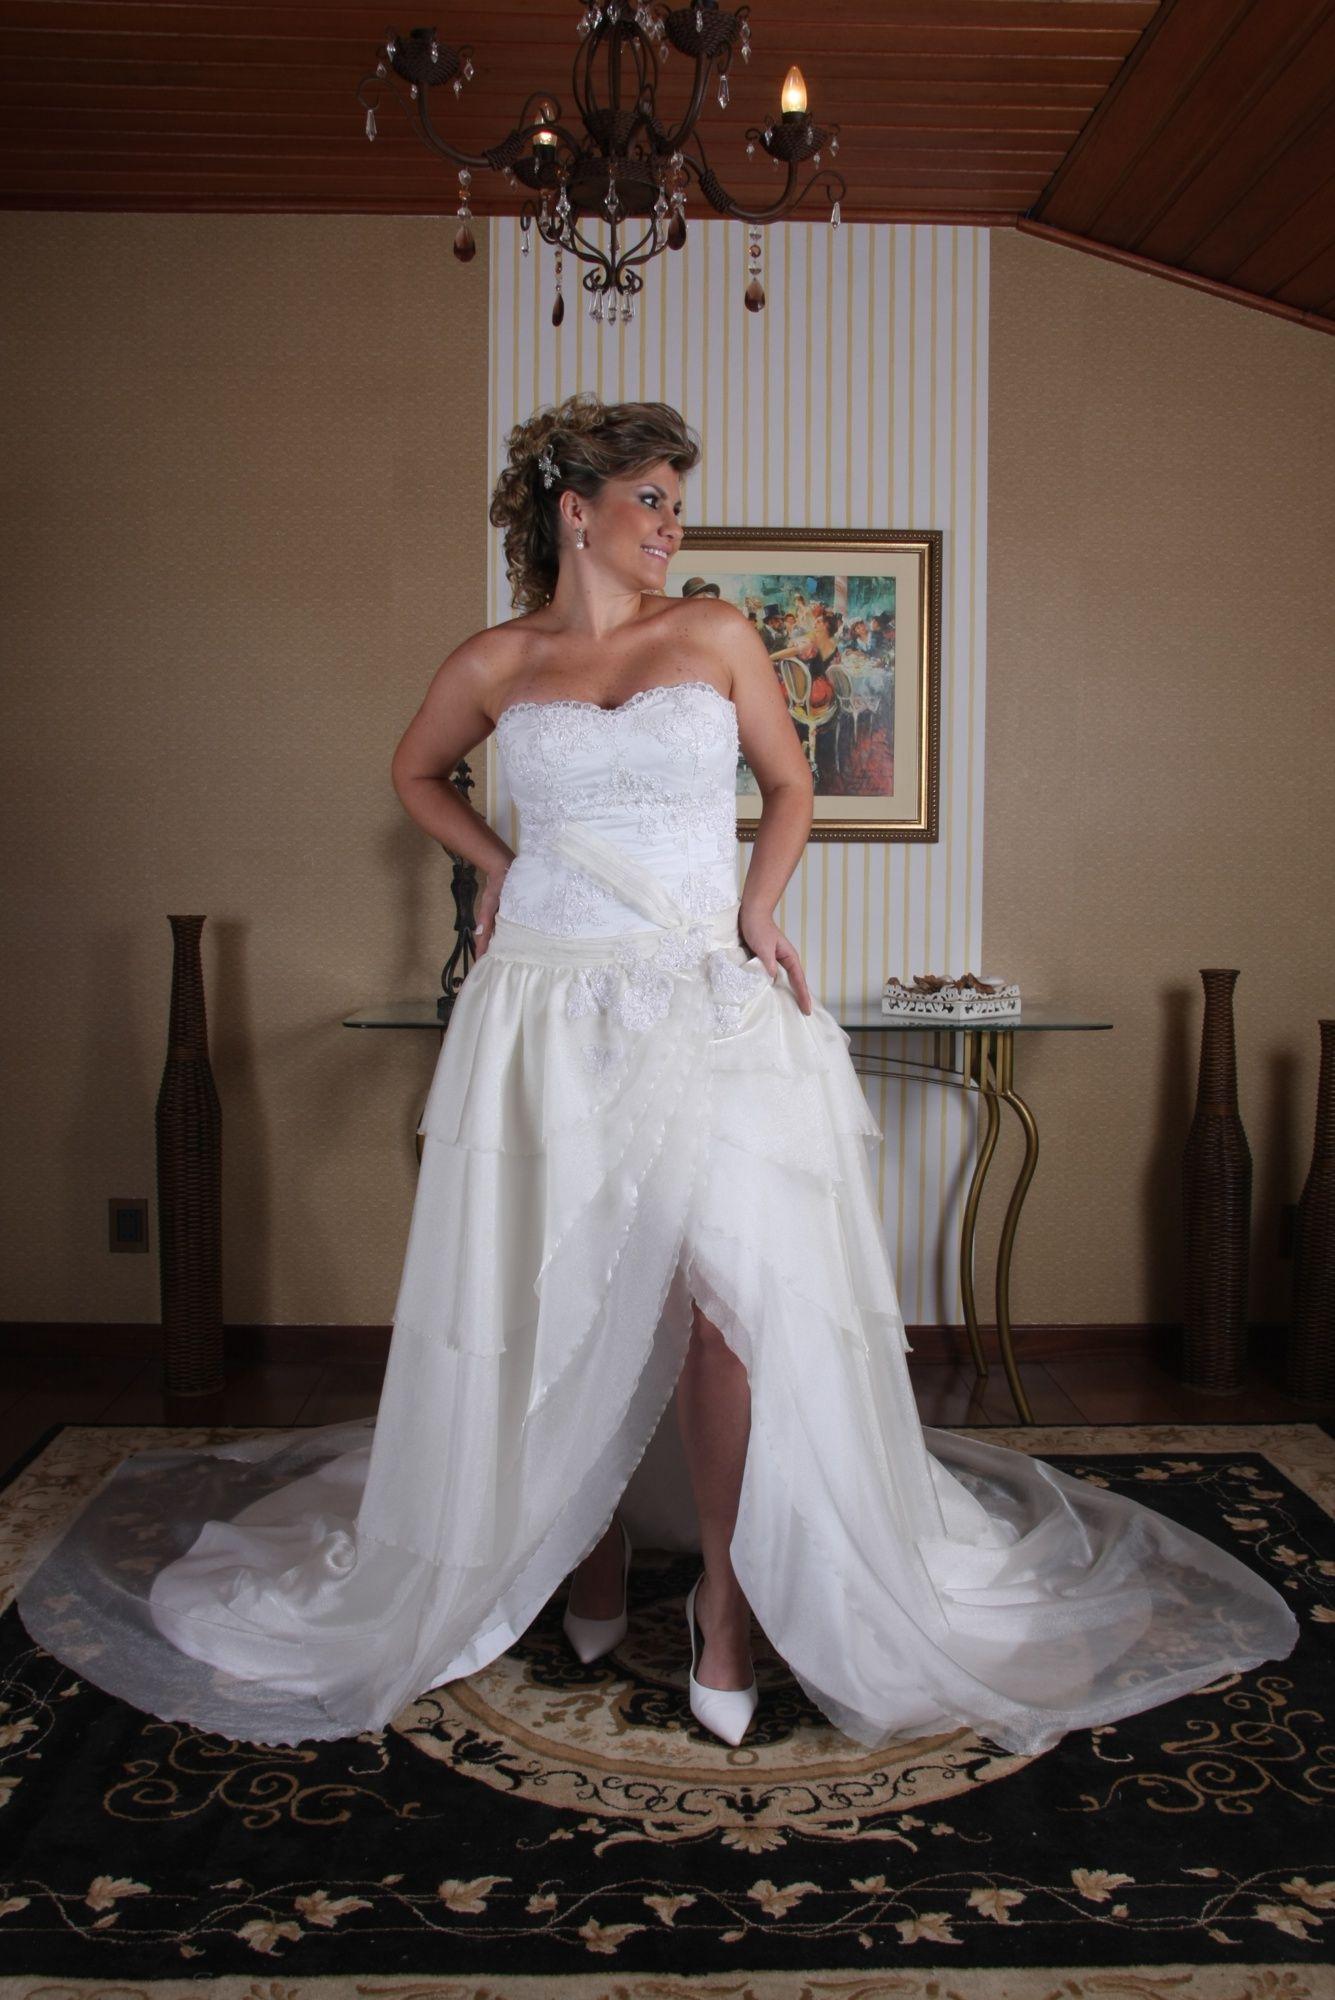 Vestido de Noiva Princesa - 1 - Hipnose Alta Costura e Spa para Noivas e Noivos - Campinas - SP Vestido de Noiva, Vestido de Noiva Princesa, Hipnose Alta Costura